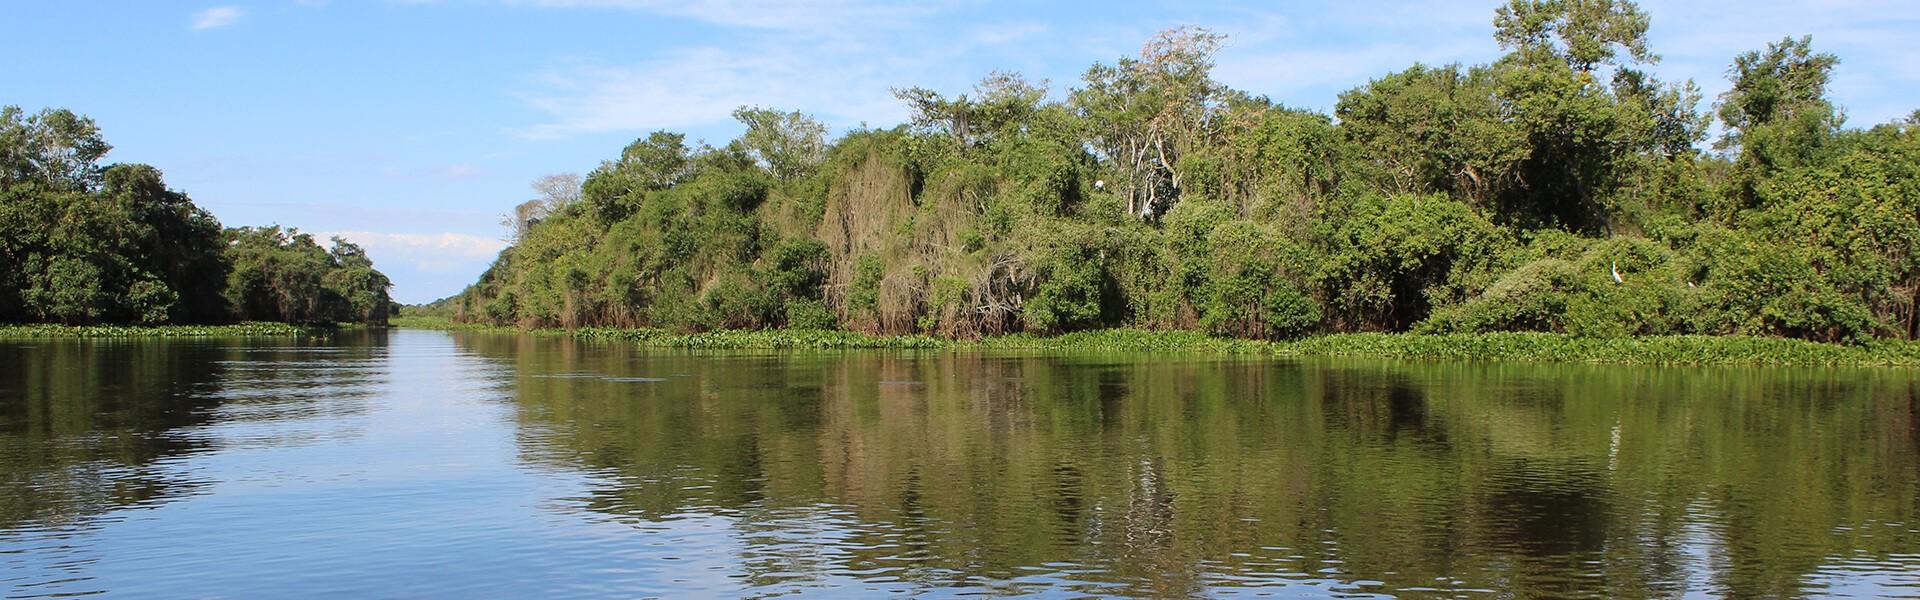 Pousadas retomam atividades em Mato Grosso e Mato Grosso do Sul